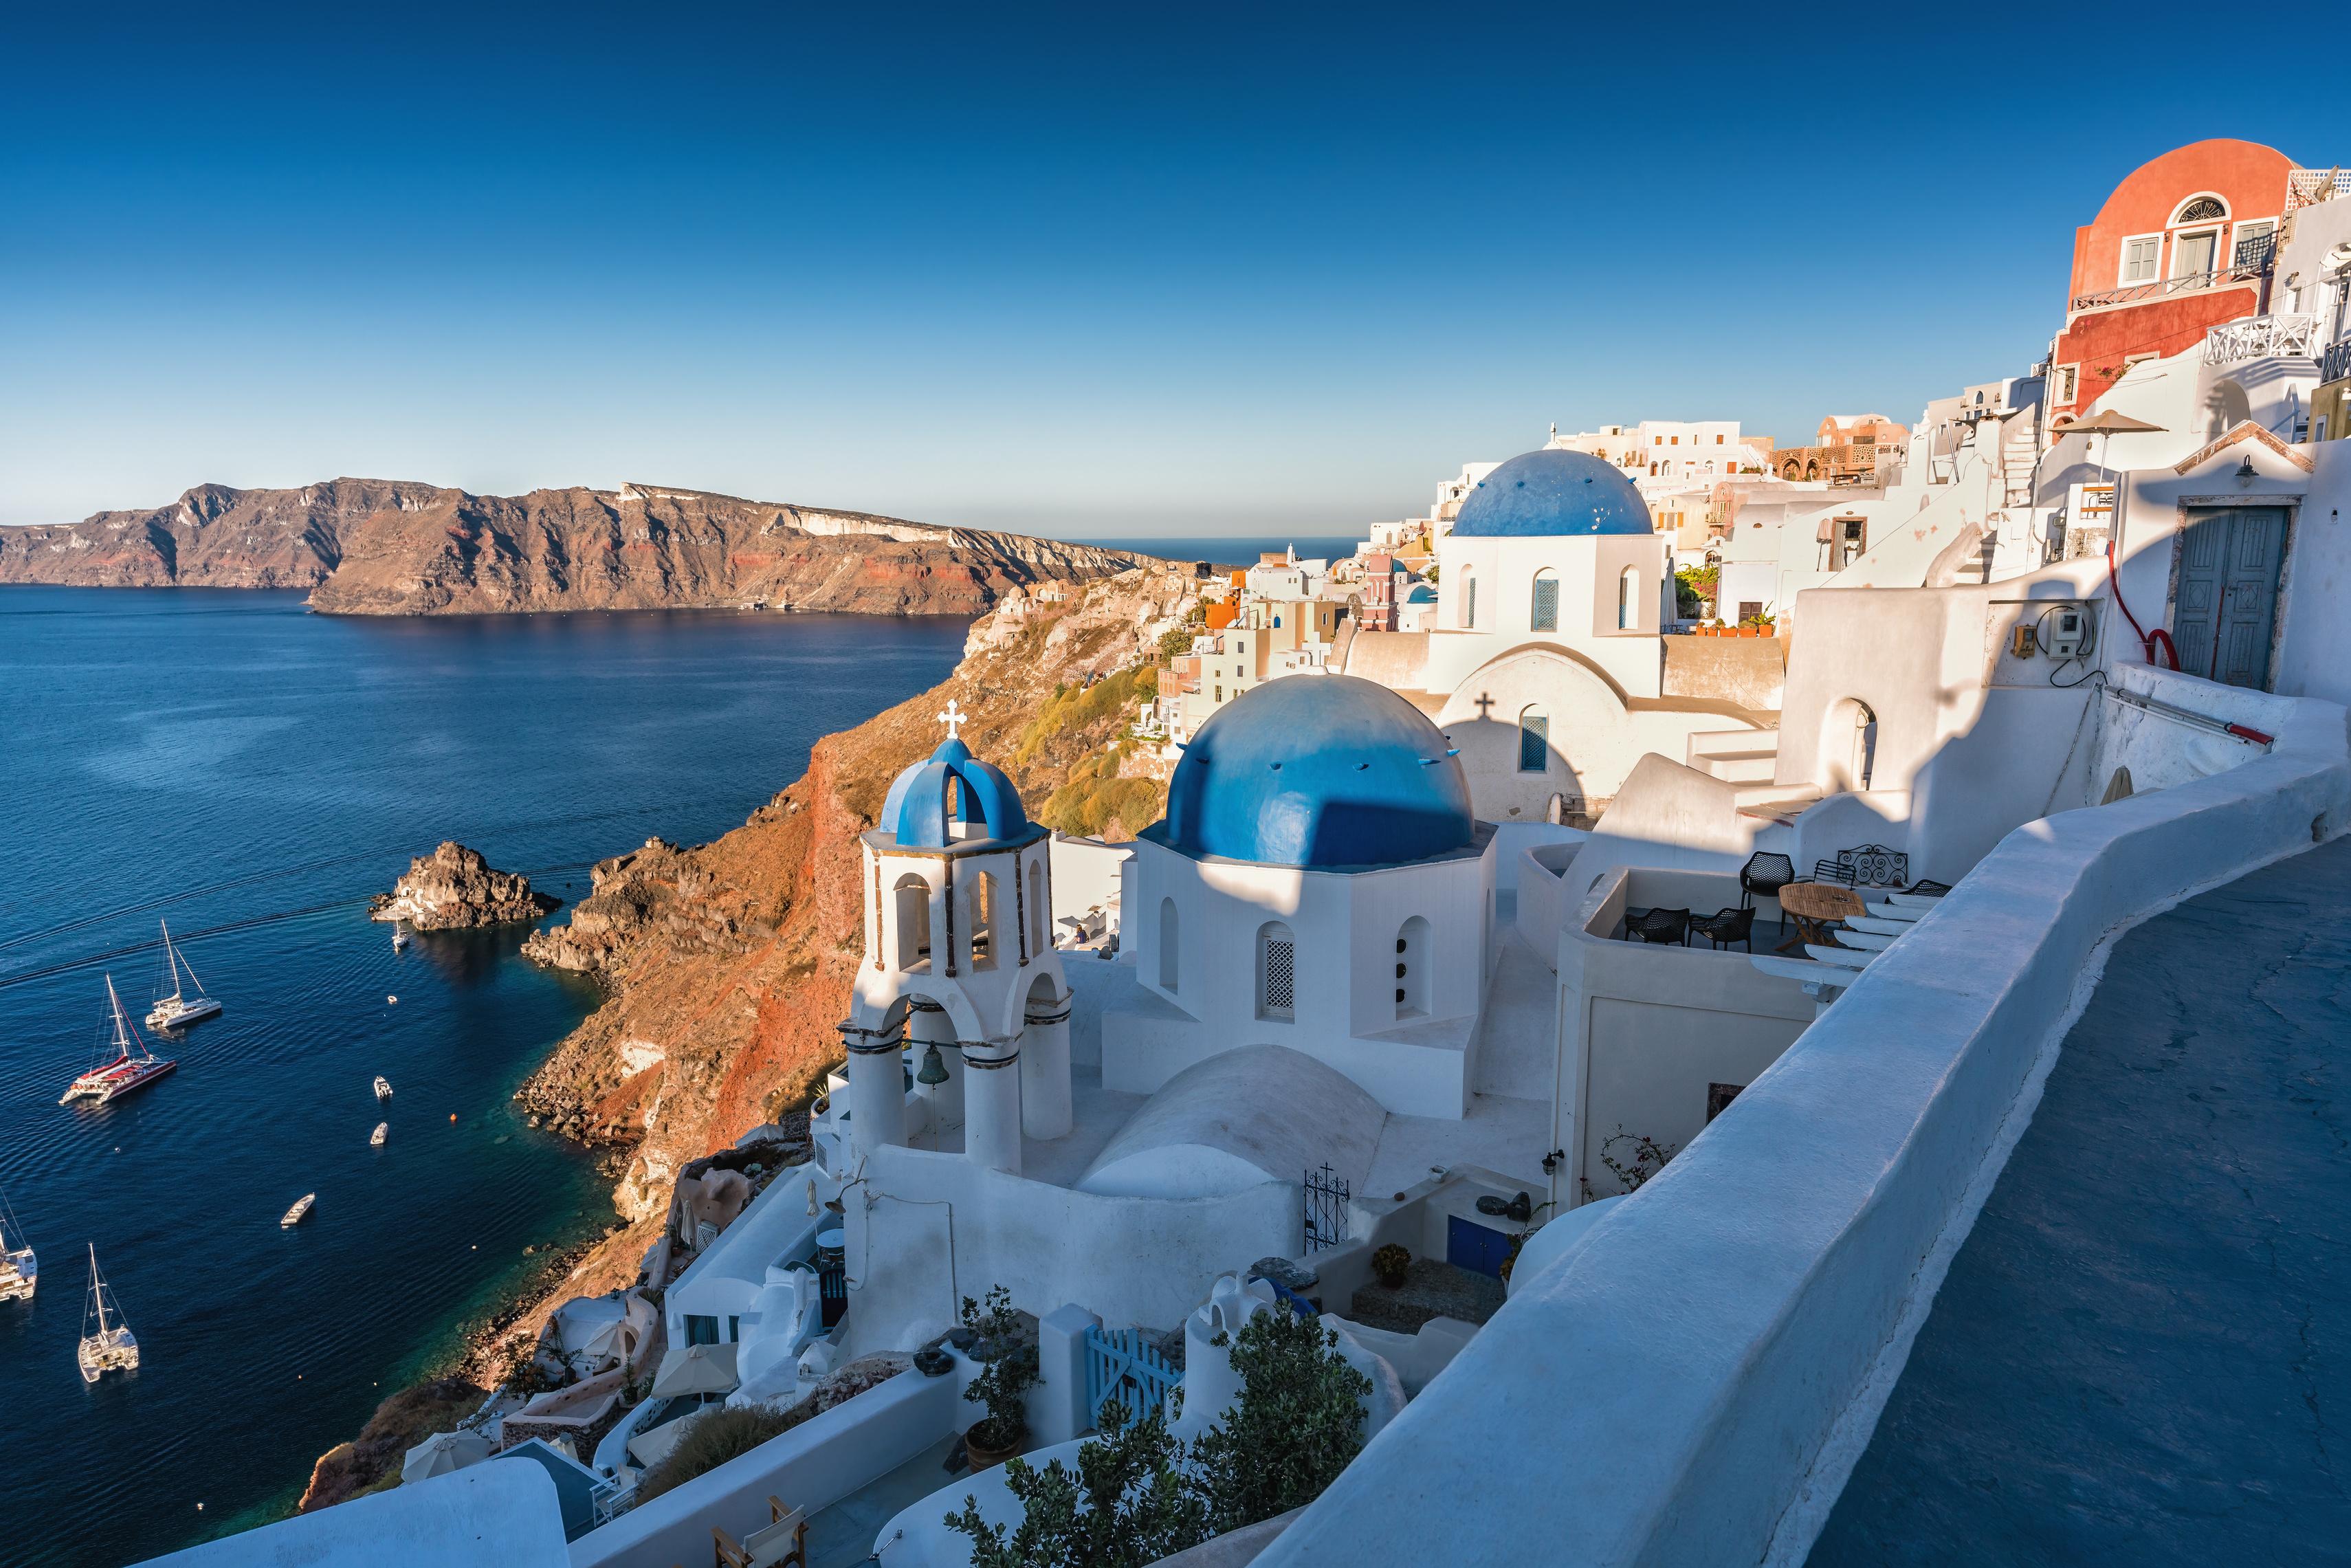 Ollandini lance un nouveau catalogue consacré aux îles méditerranéennes grecques, à la Sardaigne et la Sicile. - DR Ollandini